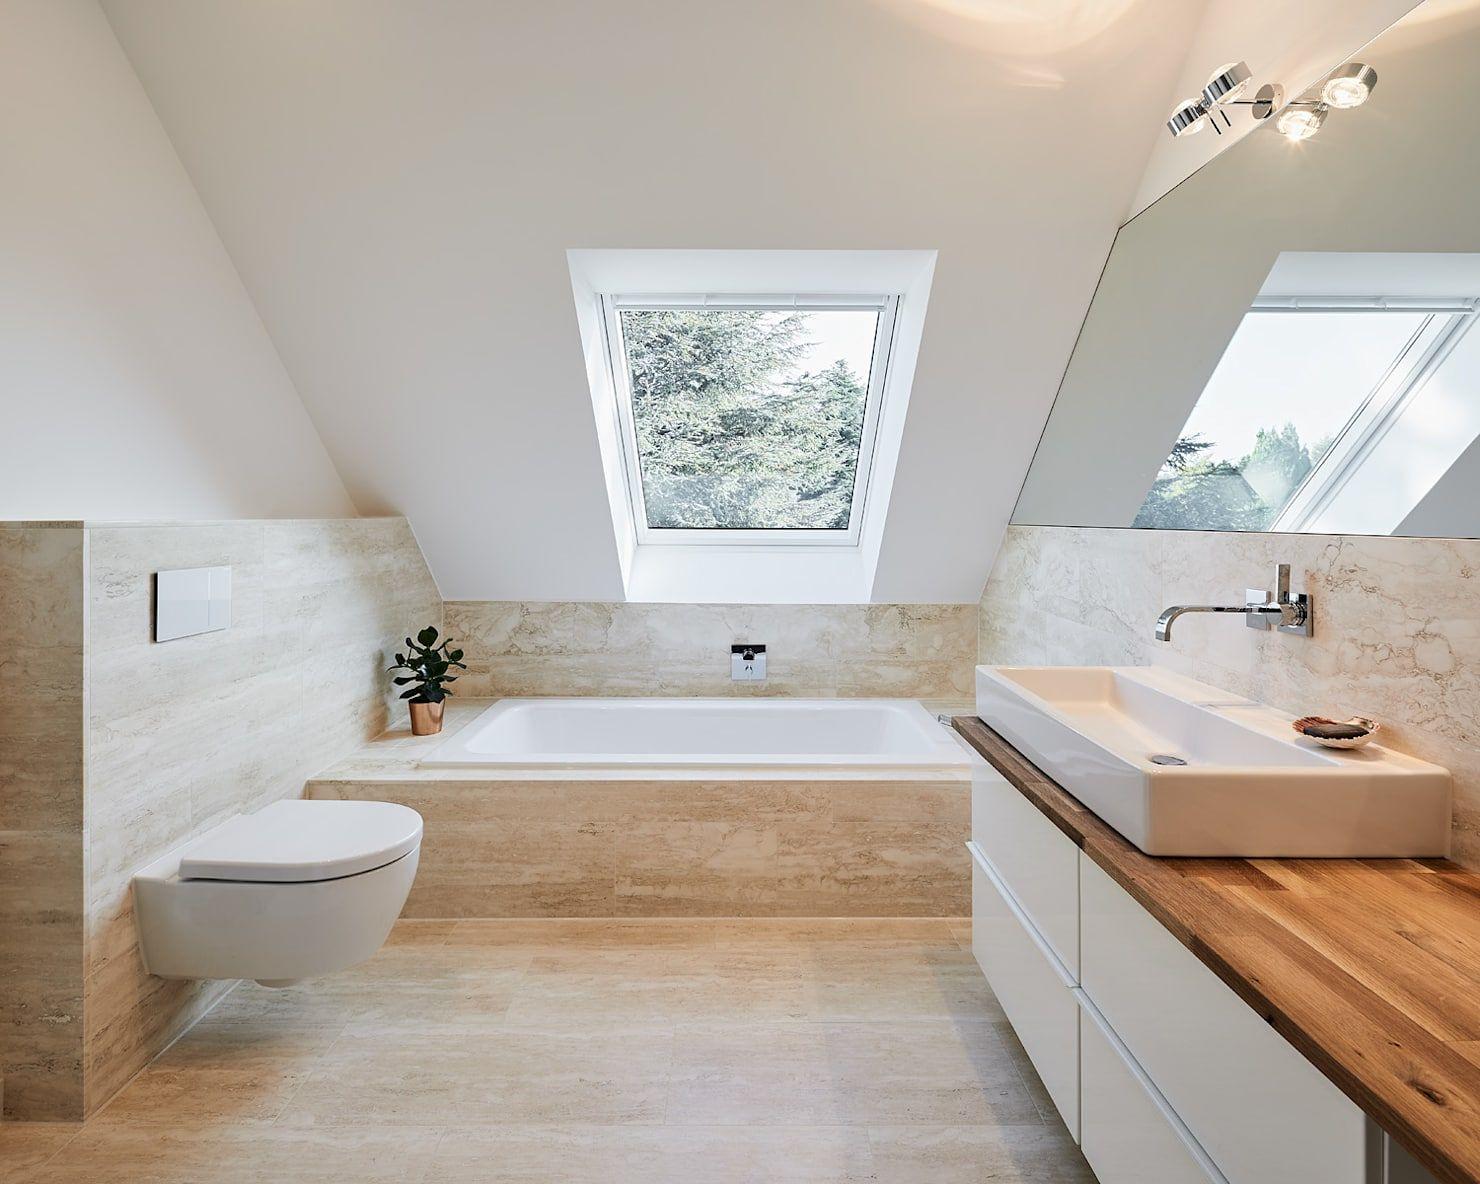 Photo of Vom kleinen Siedlungshäuschen zum modernen Wohntraum  | homify